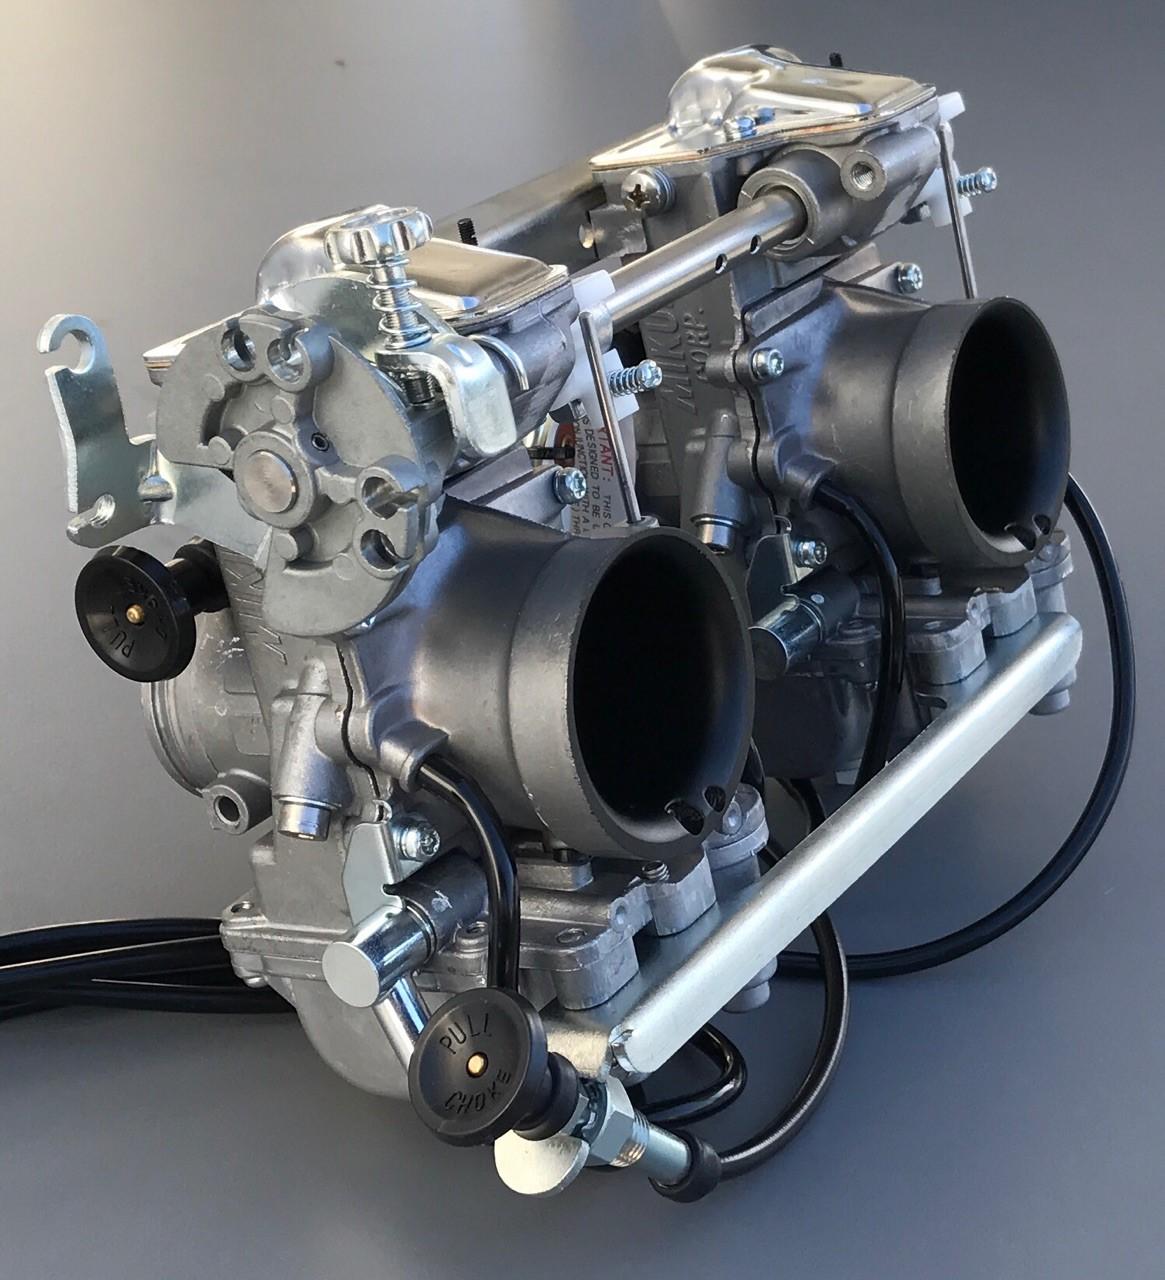 Mikuni Rs 40mm Carb Kit Triumph 790cc 865cc Twin Models Mikunioz